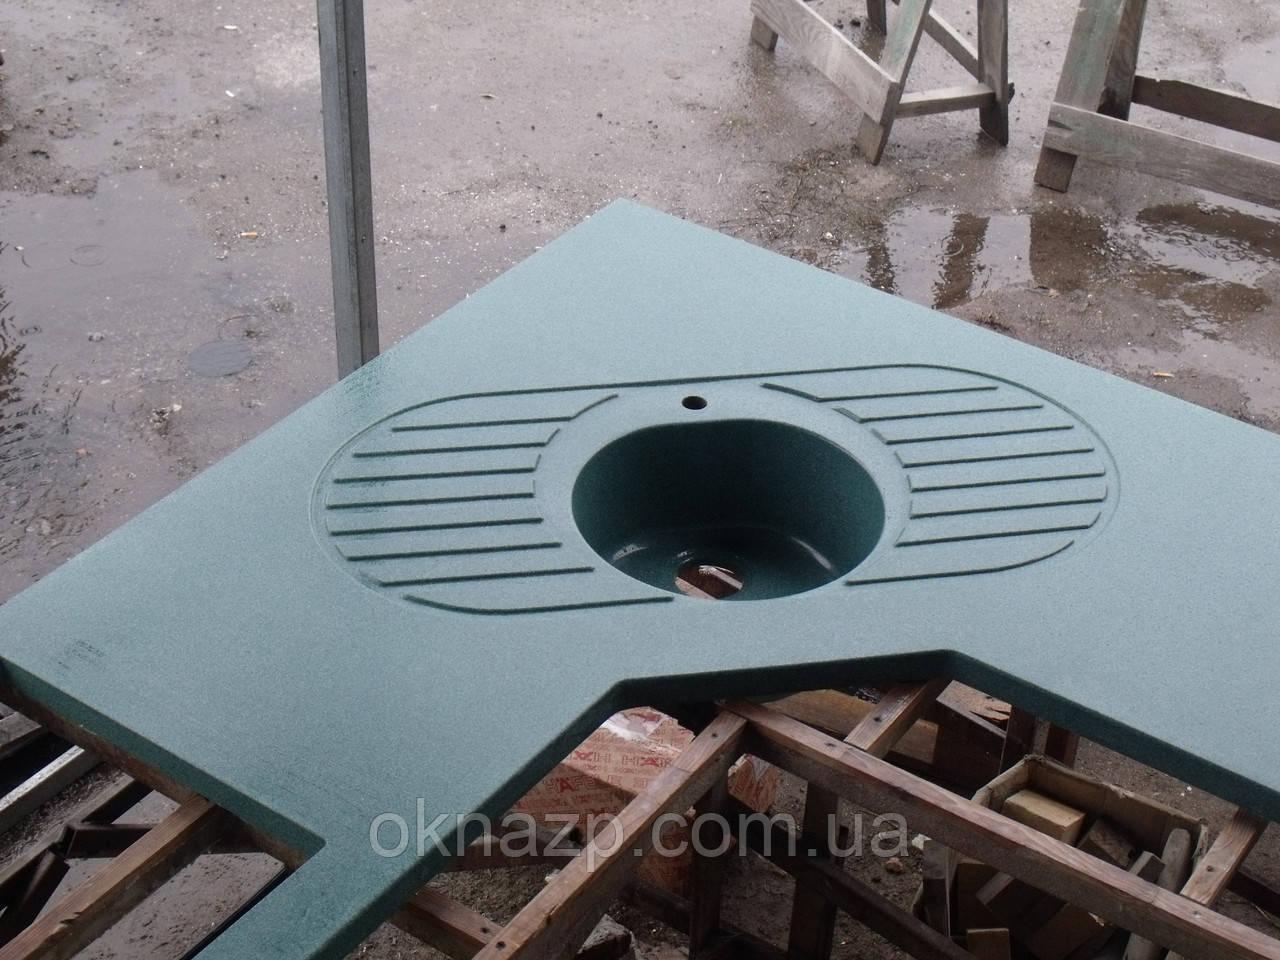 Кухонная столешница из камня (цена за литую мойку 2400грн./шт.)